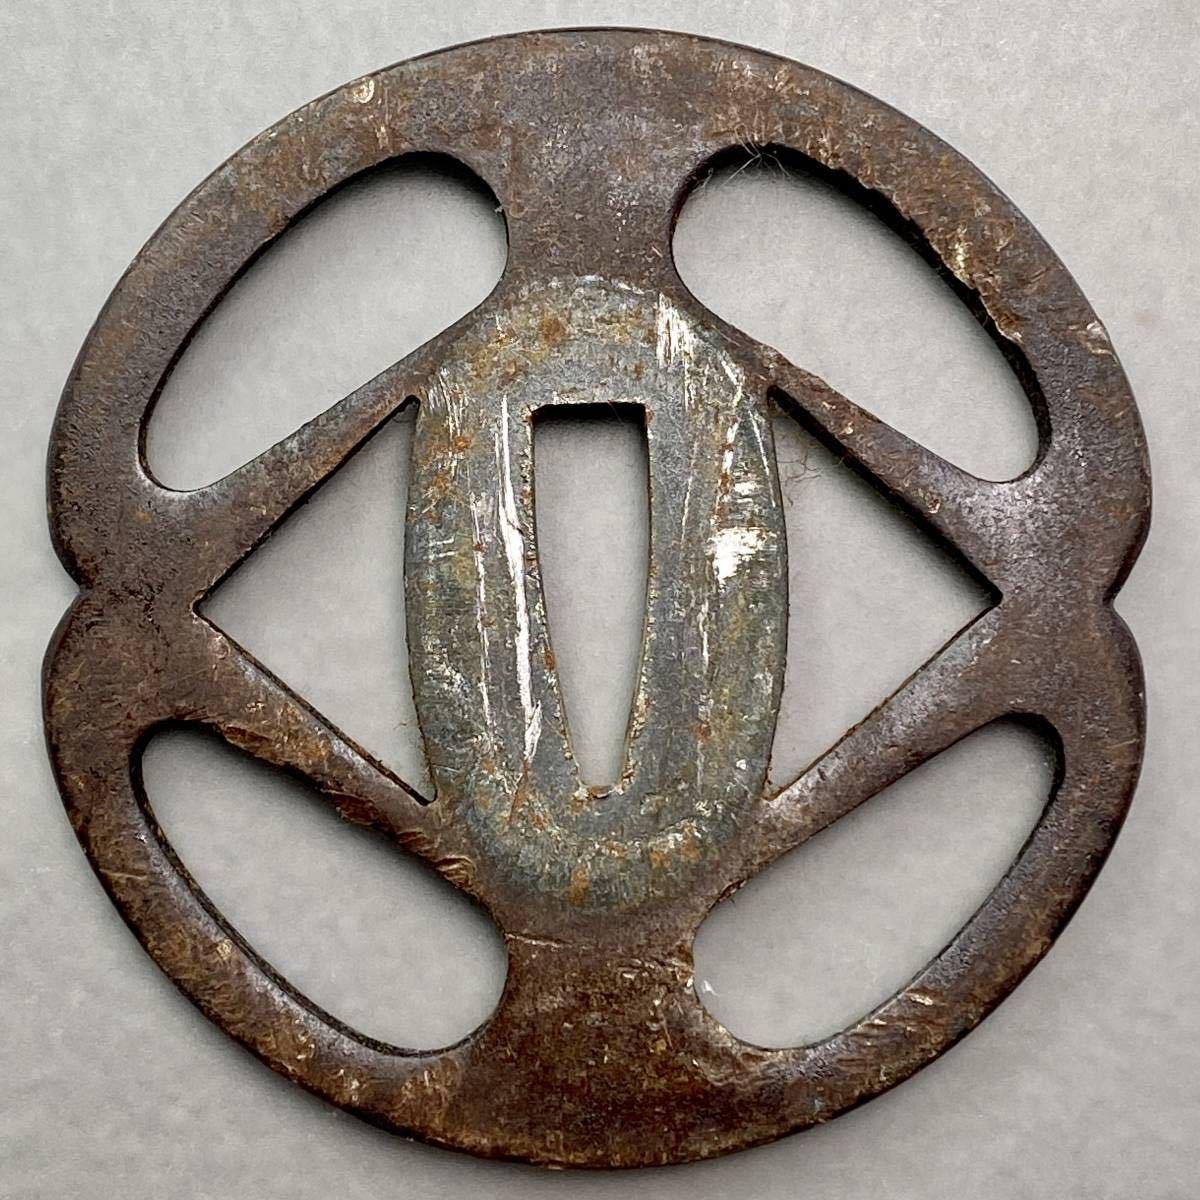 鐔 花輪の図鐔 刀装具 _画像3